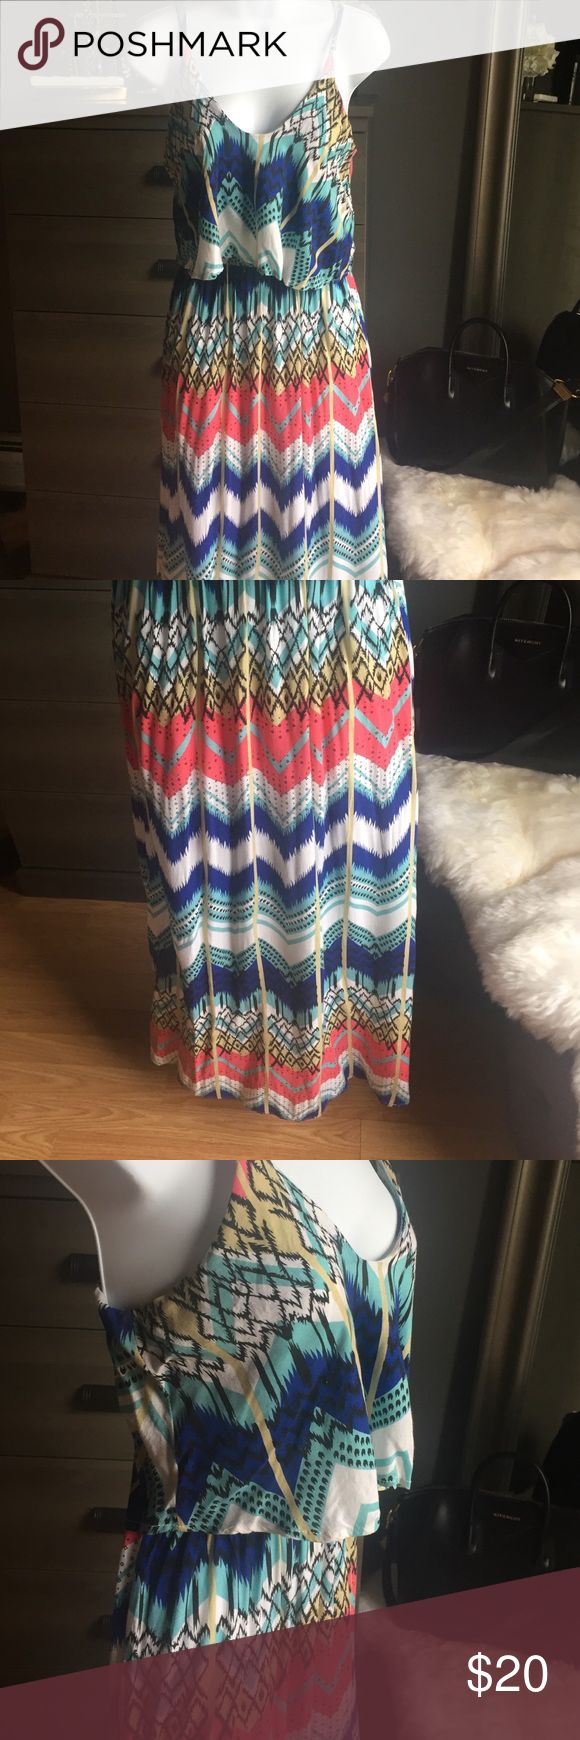 Aztec Maxi Dress Aztec print maxi dress. Dresses Maxi